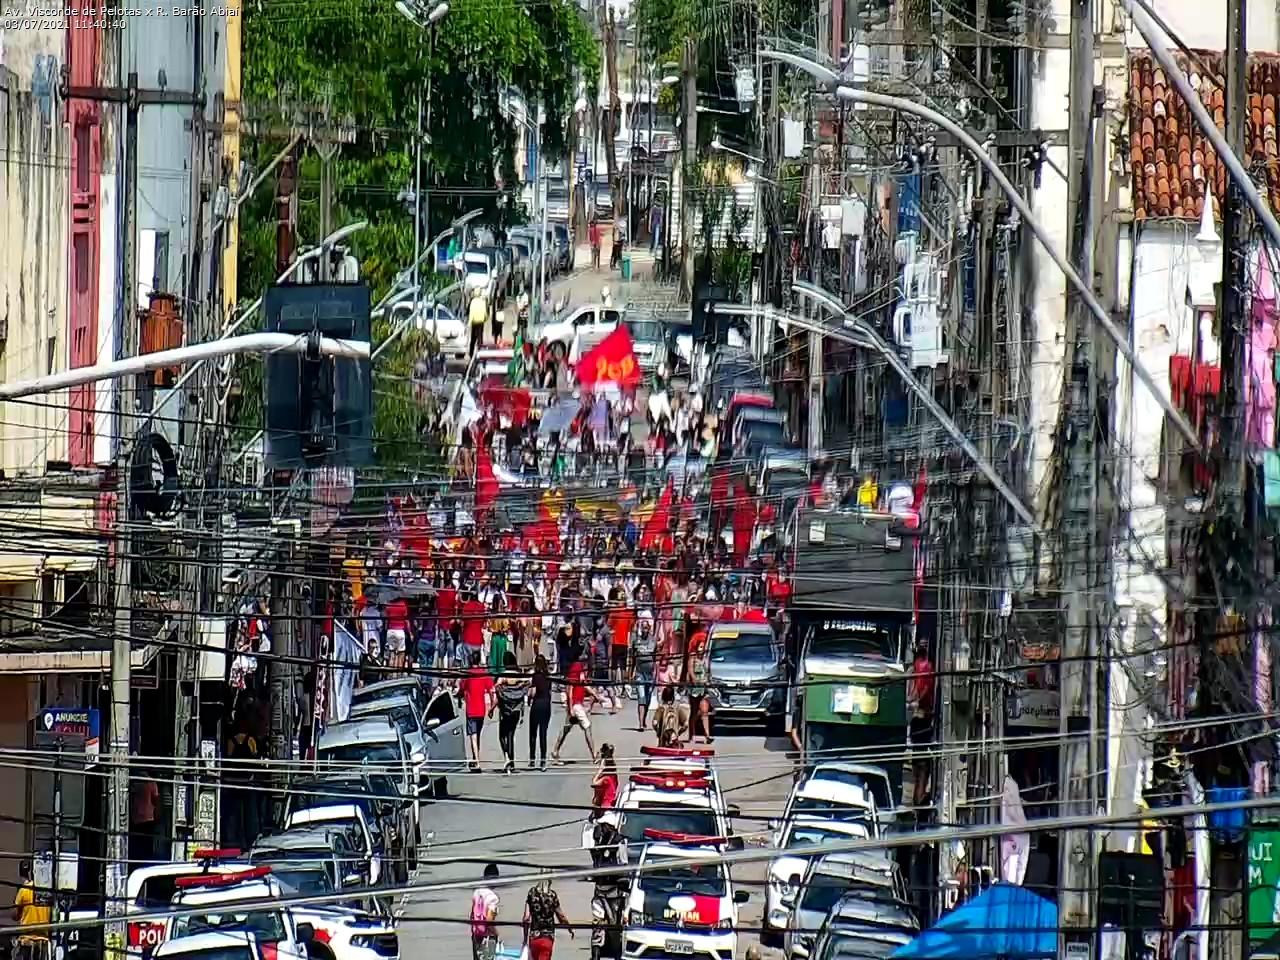 WhatsApp Image 2021 07 03 at 11.41.55 - Manifestantes protestam contra Bolsonaro e pedem impeachment do presidente em João Pessoa - VEJA IMAGENS